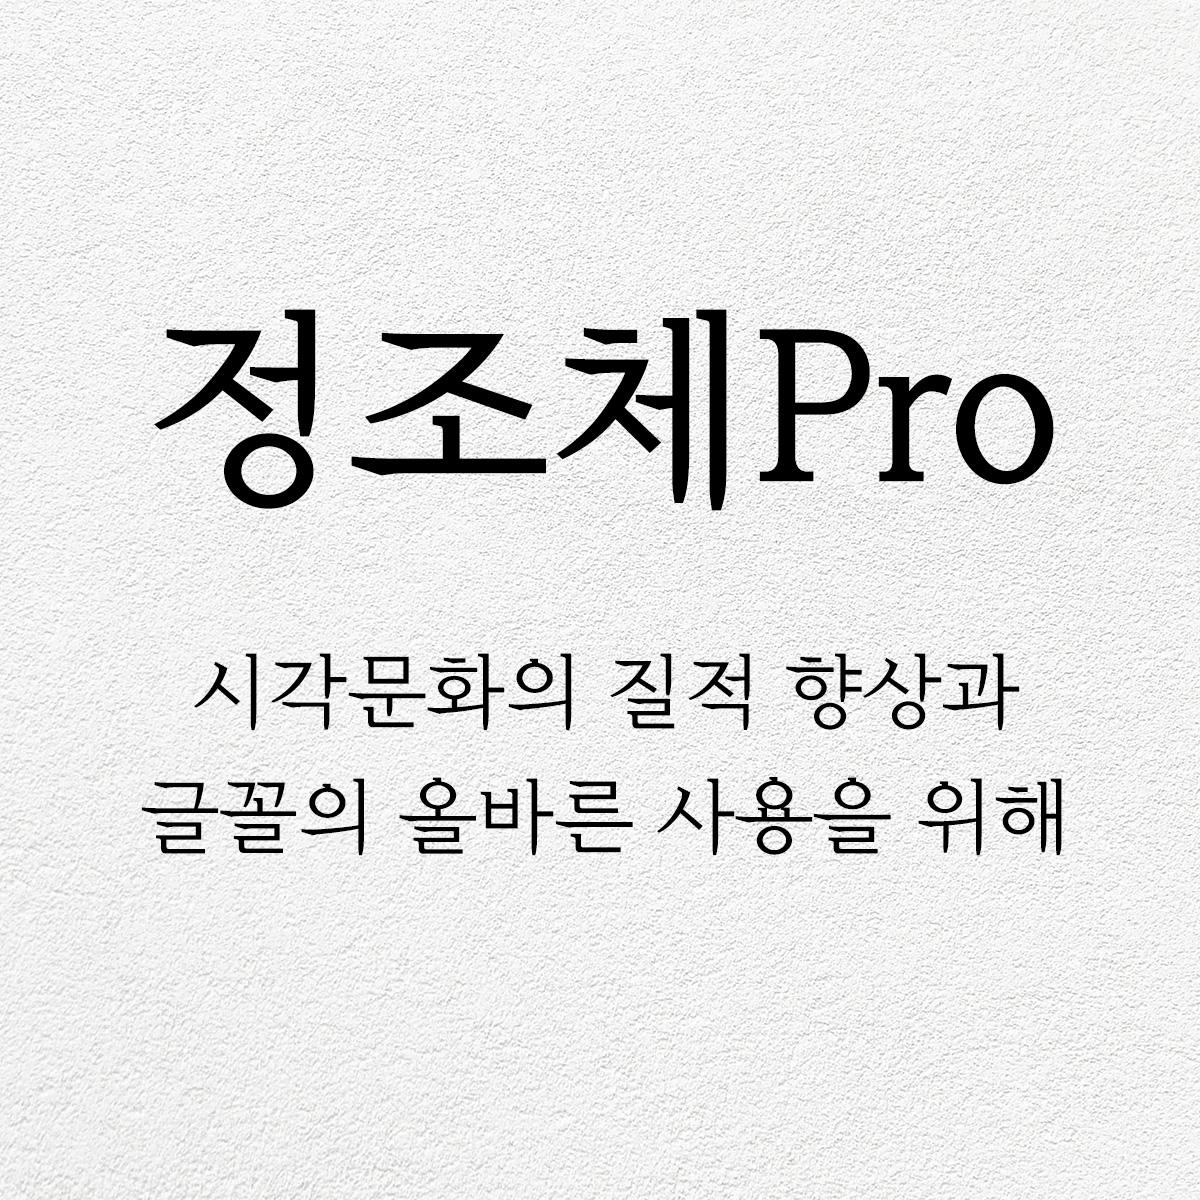 타이포_정조체Pro